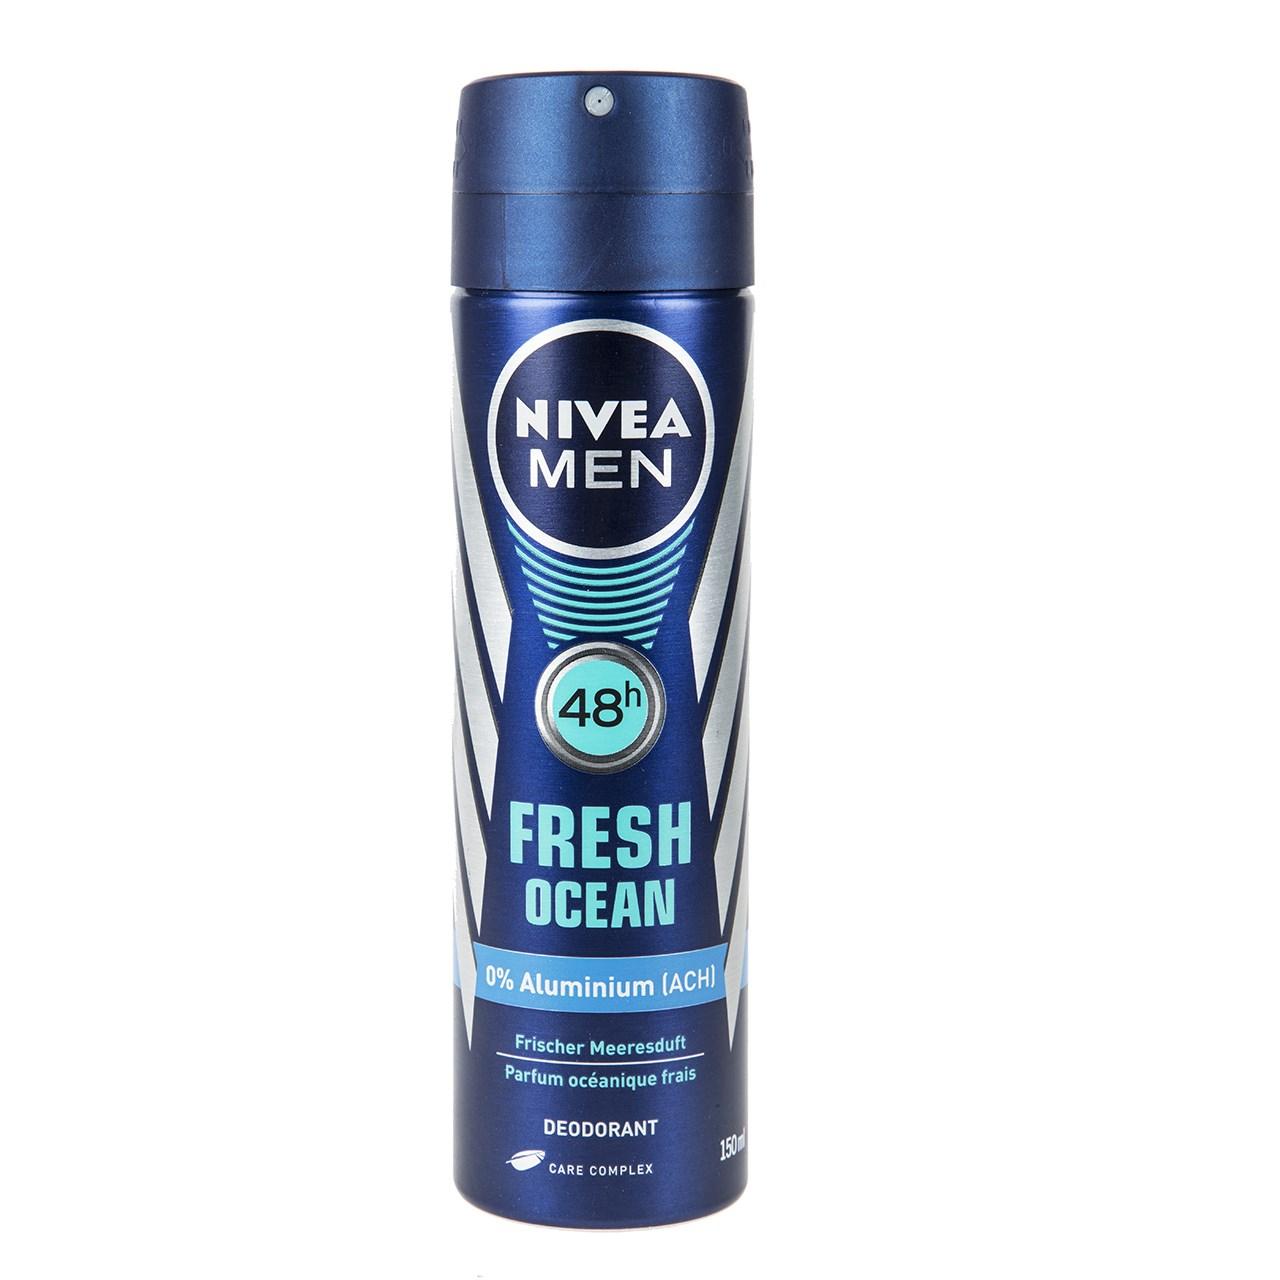 اسپری مردانه نیوآ سری Men مدل Fresh Ocean حجم 150 میلی لیتر